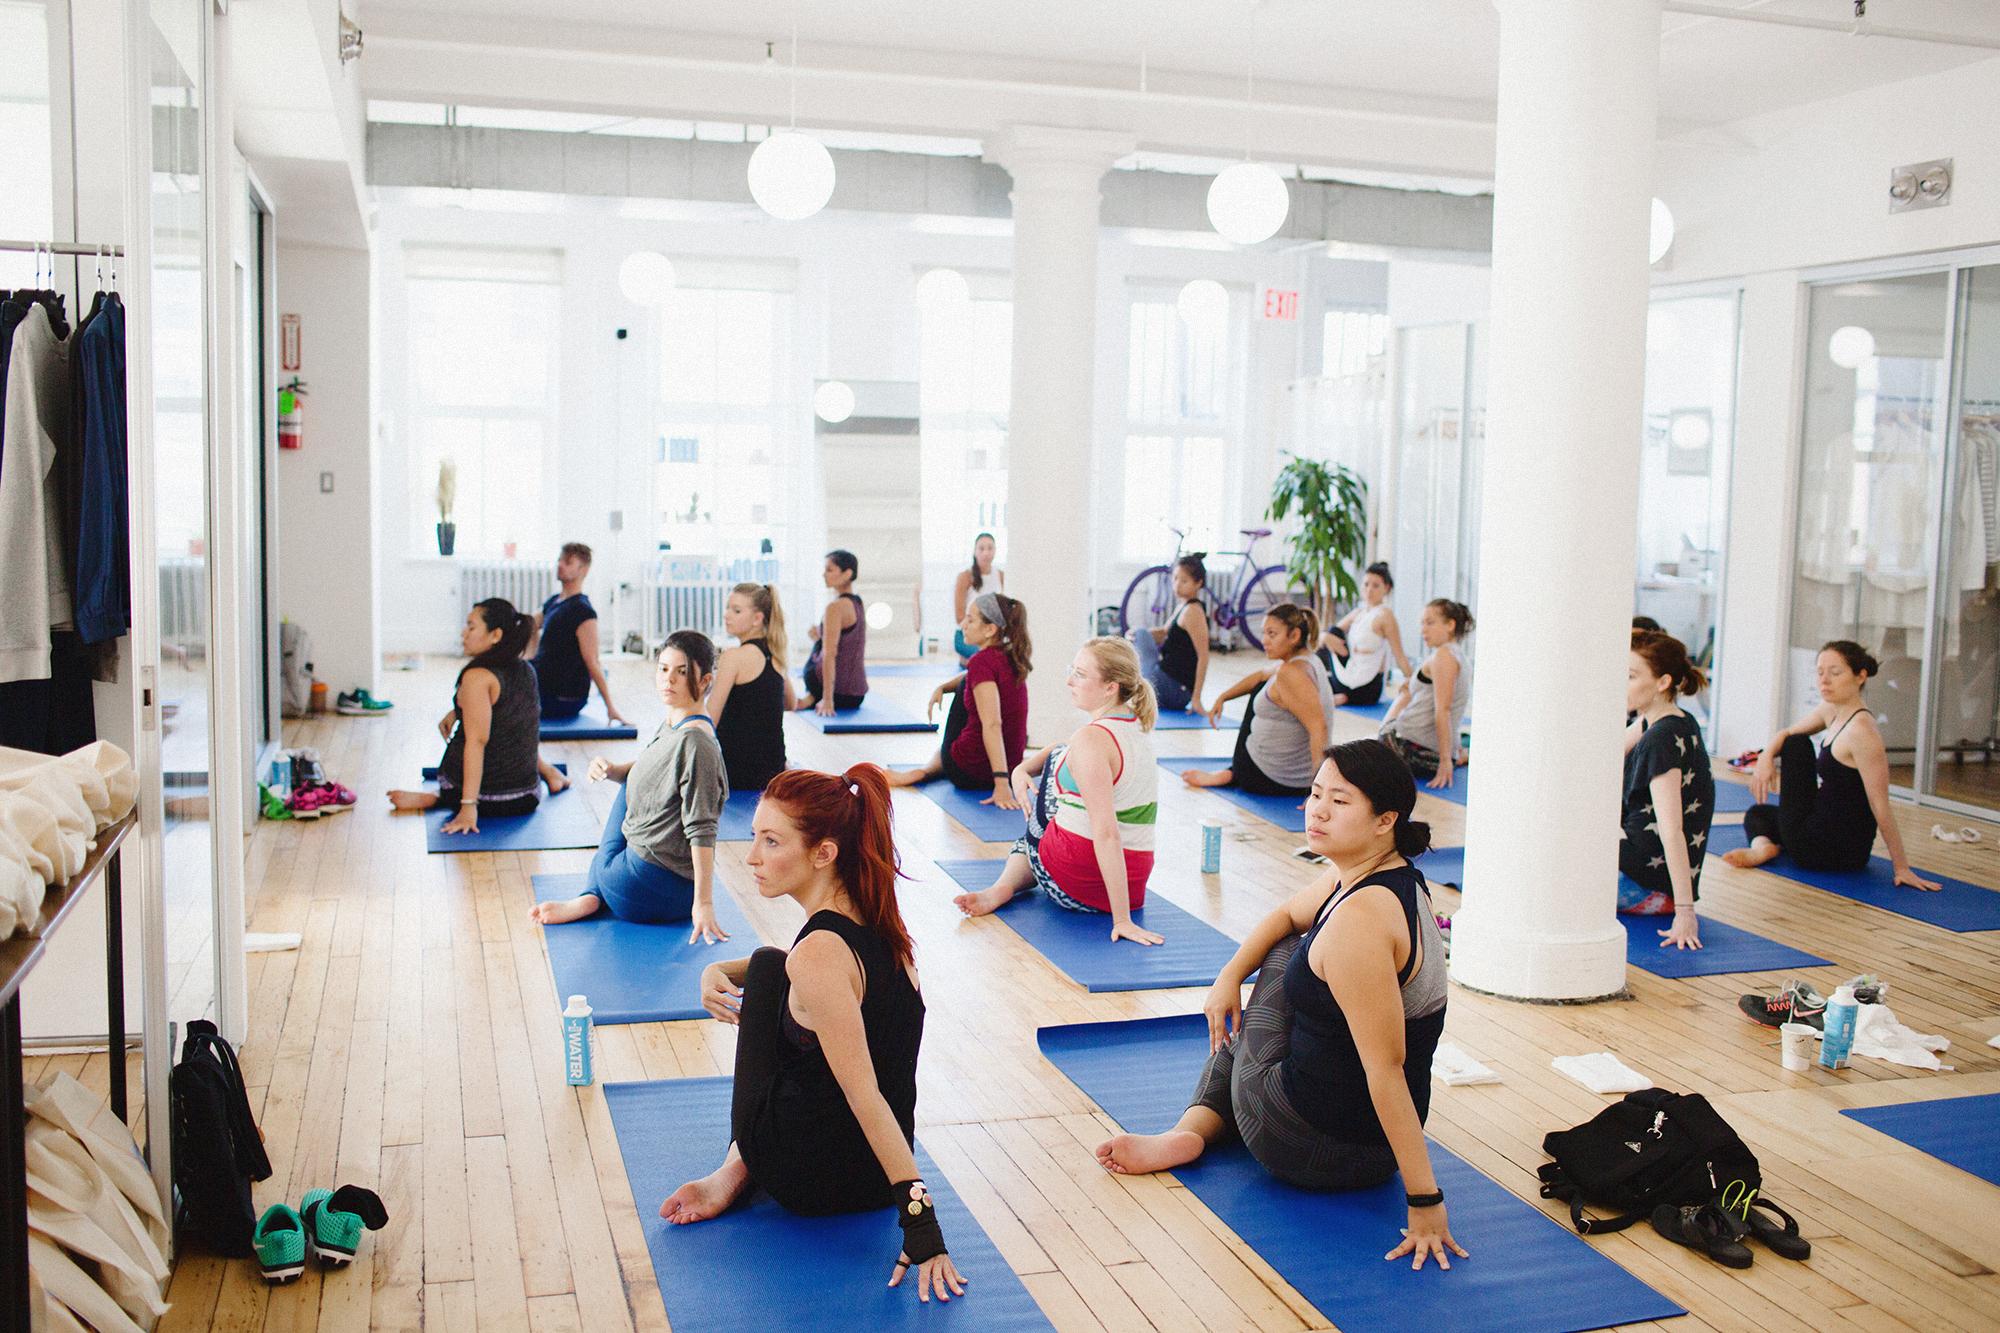 Sarah Slutsky attends Yoga for Bad People Workshop at Brand Assembly